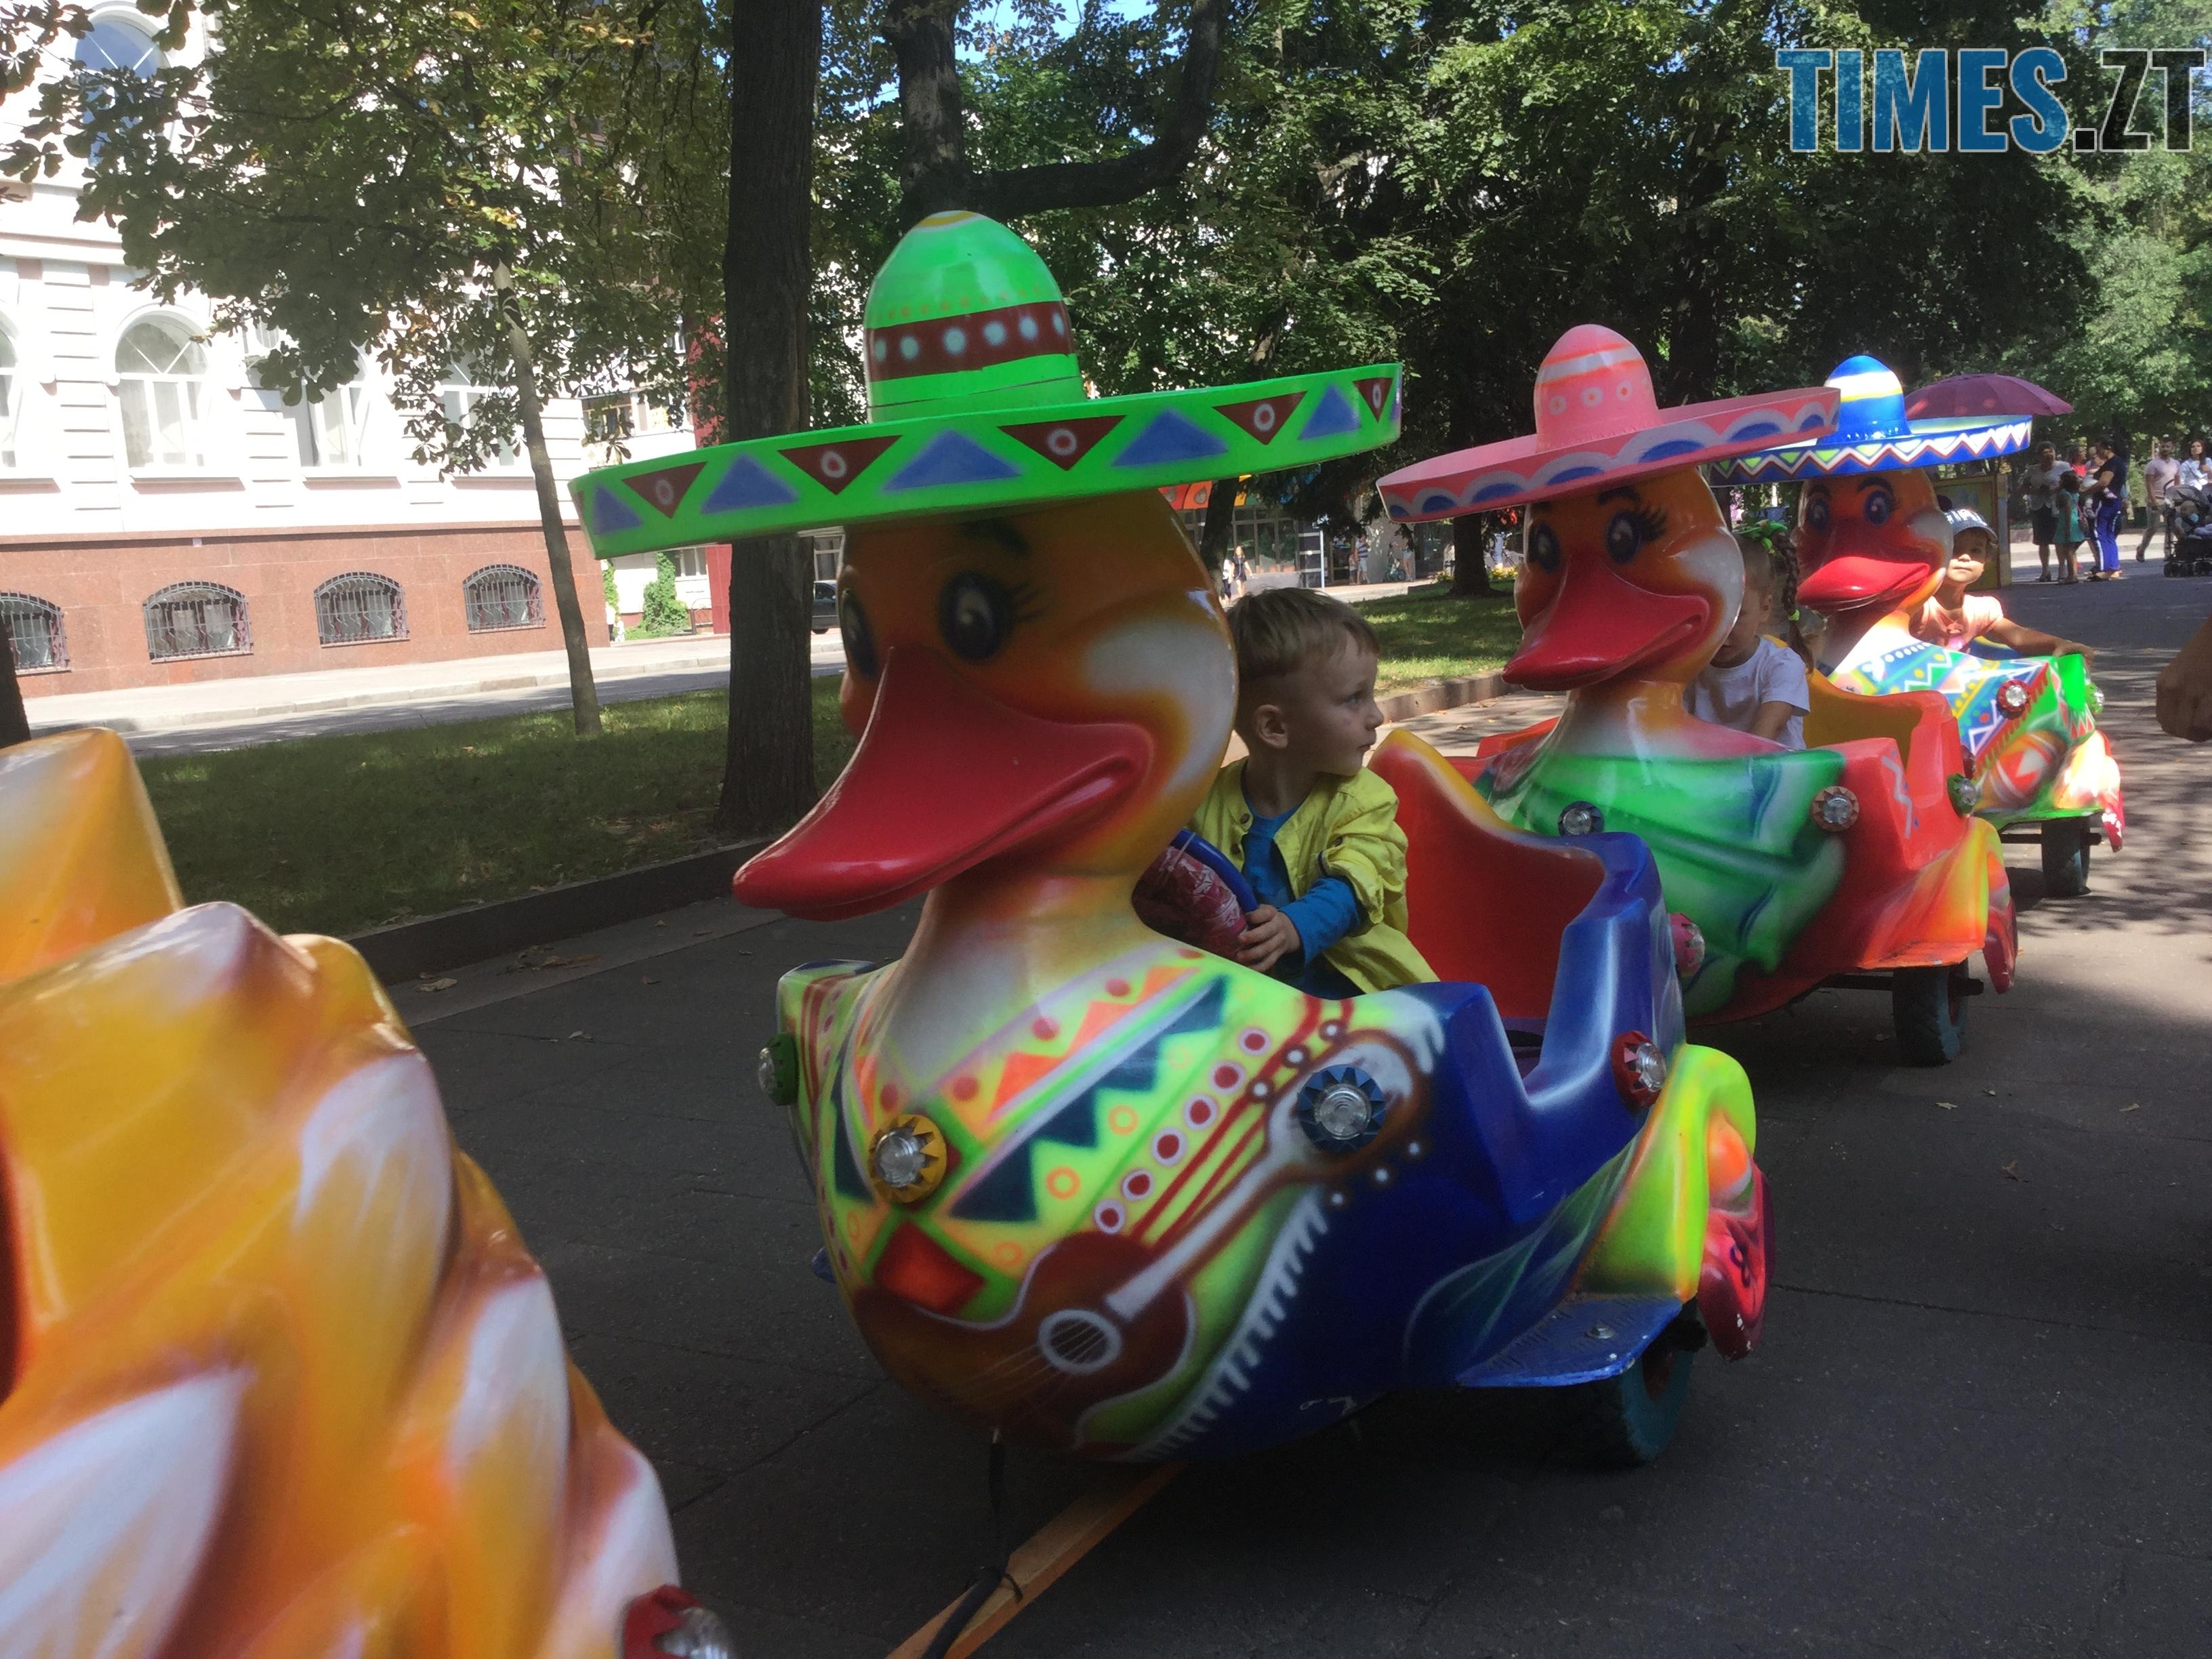 5169821D 5E27 461B 93B1 A70D488BAA5B - Фотозони, майстер-класи та безліч цікавих локації: житомиряни святкують День Незалежності (ФОТО)